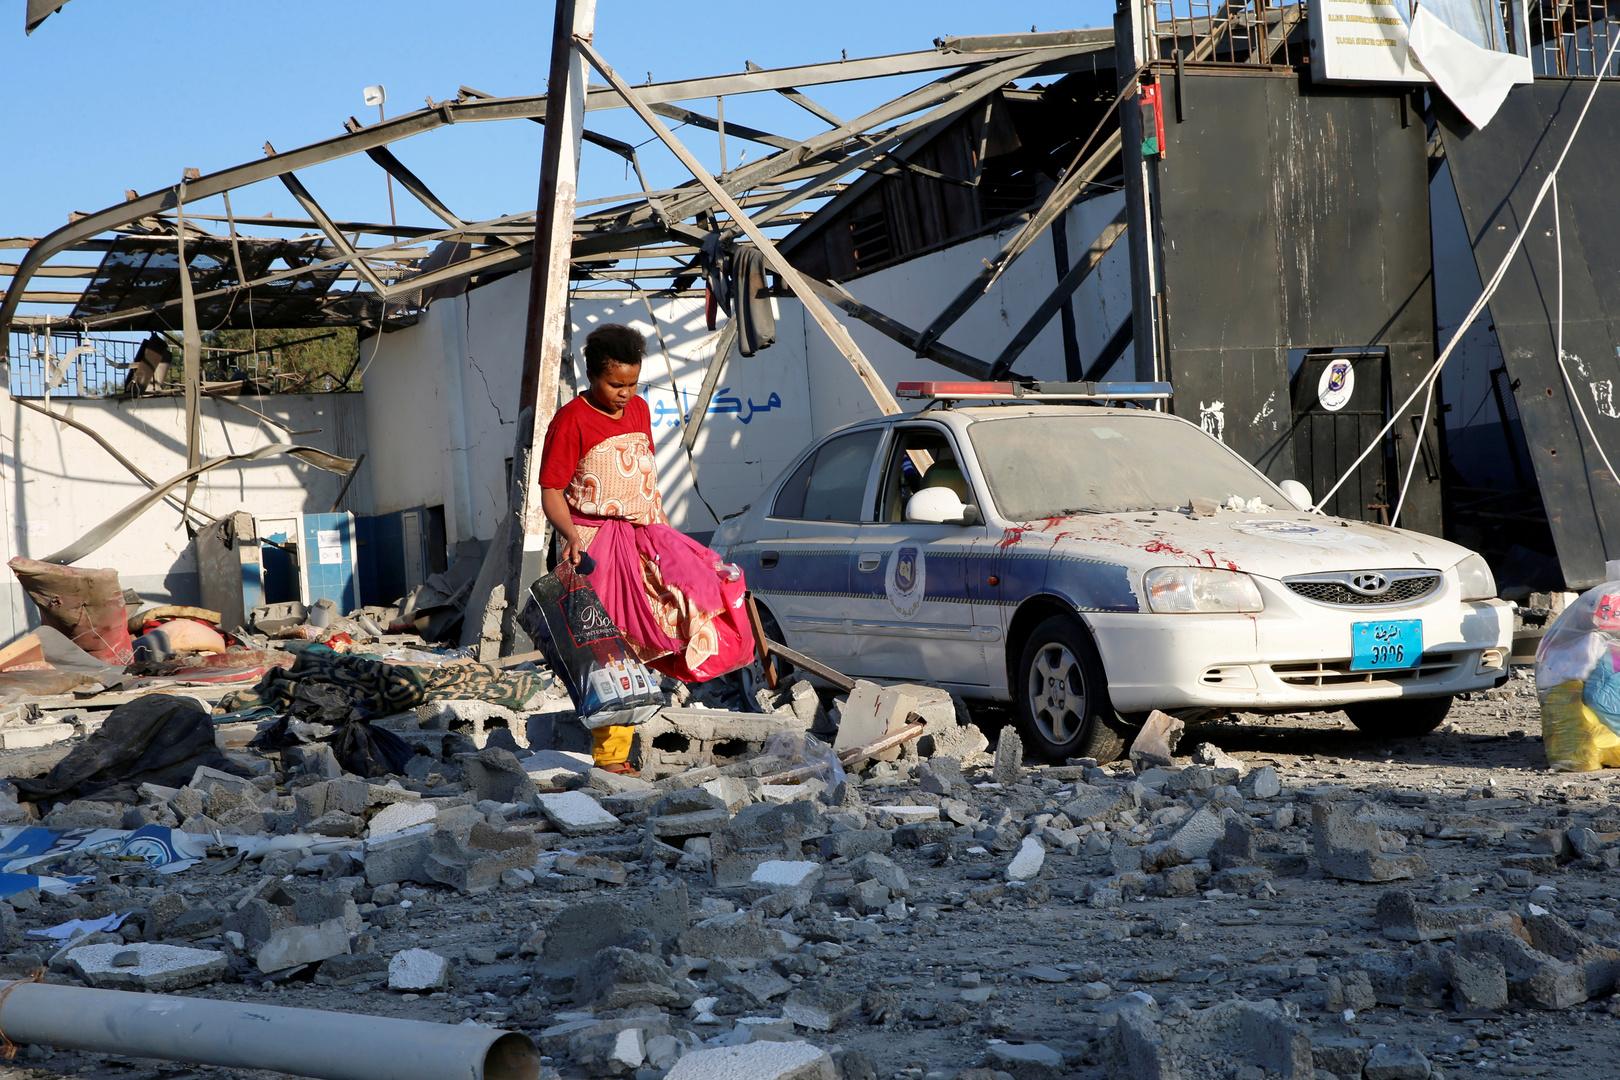 تقرير أممي: القصف الدموي لمركز تاجوراء في ليبيا نفذته طائرة أجنبية